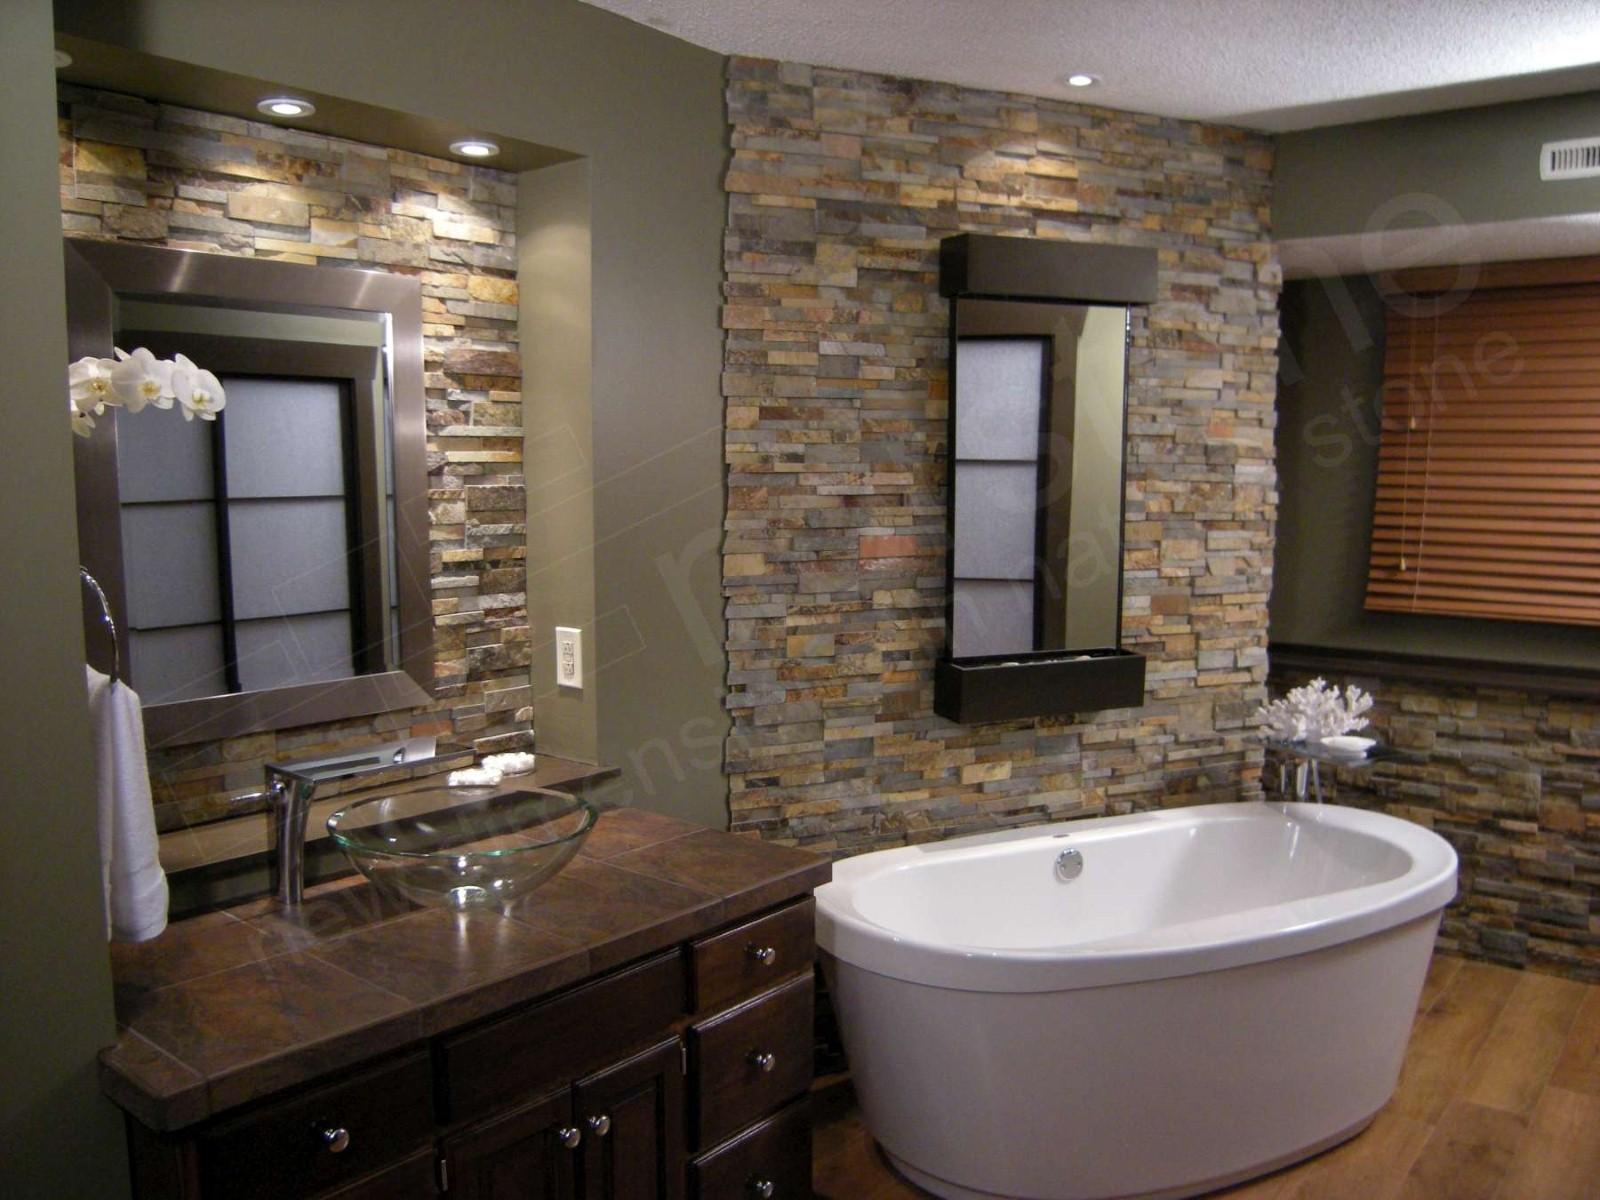 Home Depot Bath Design Best Kitchen Gallery | Rachelxblog home depot ...